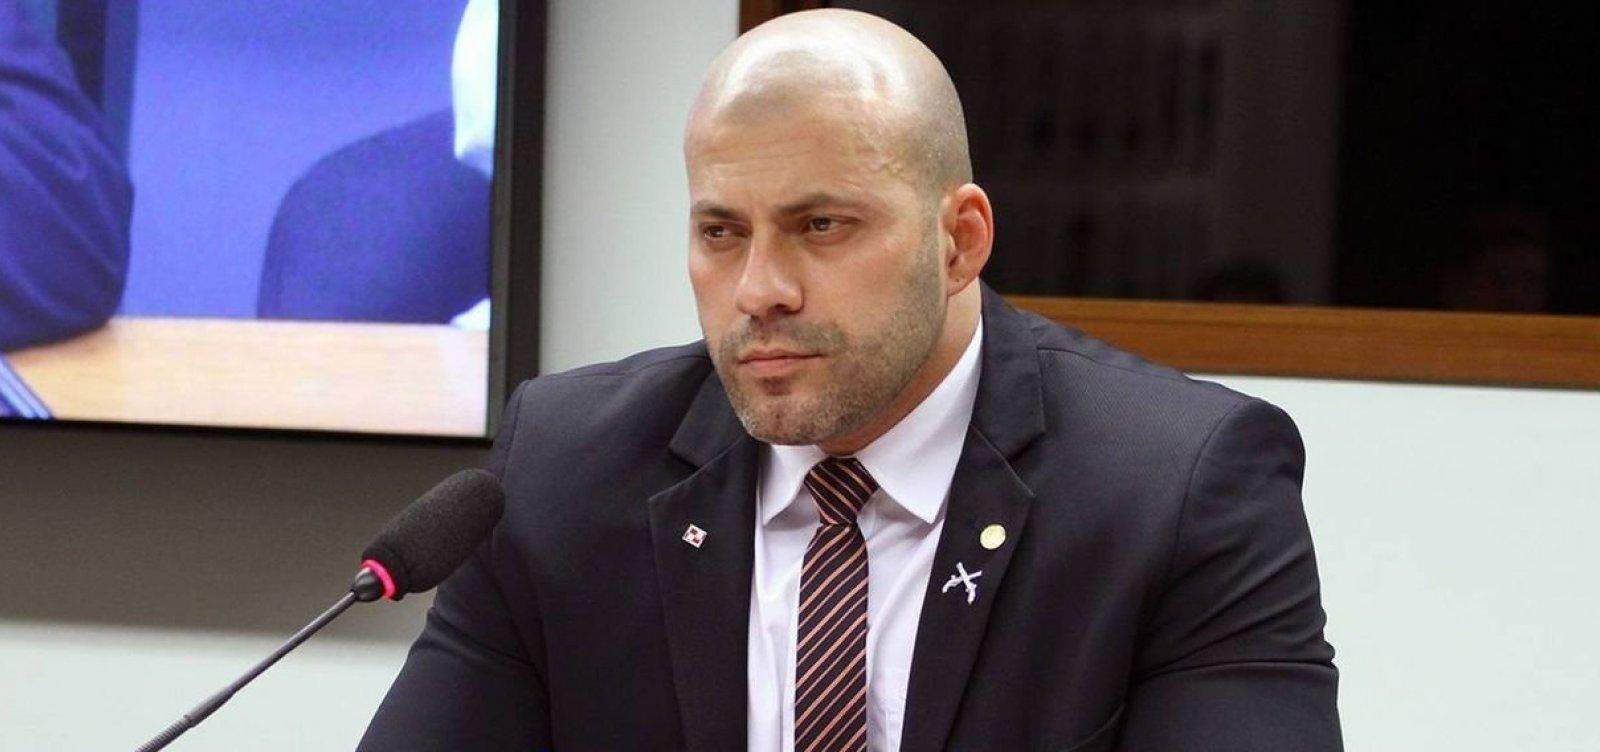 Em discurso na Câmara, Silveira diz que se excedeu ao atacar Supremo e pede desculpas